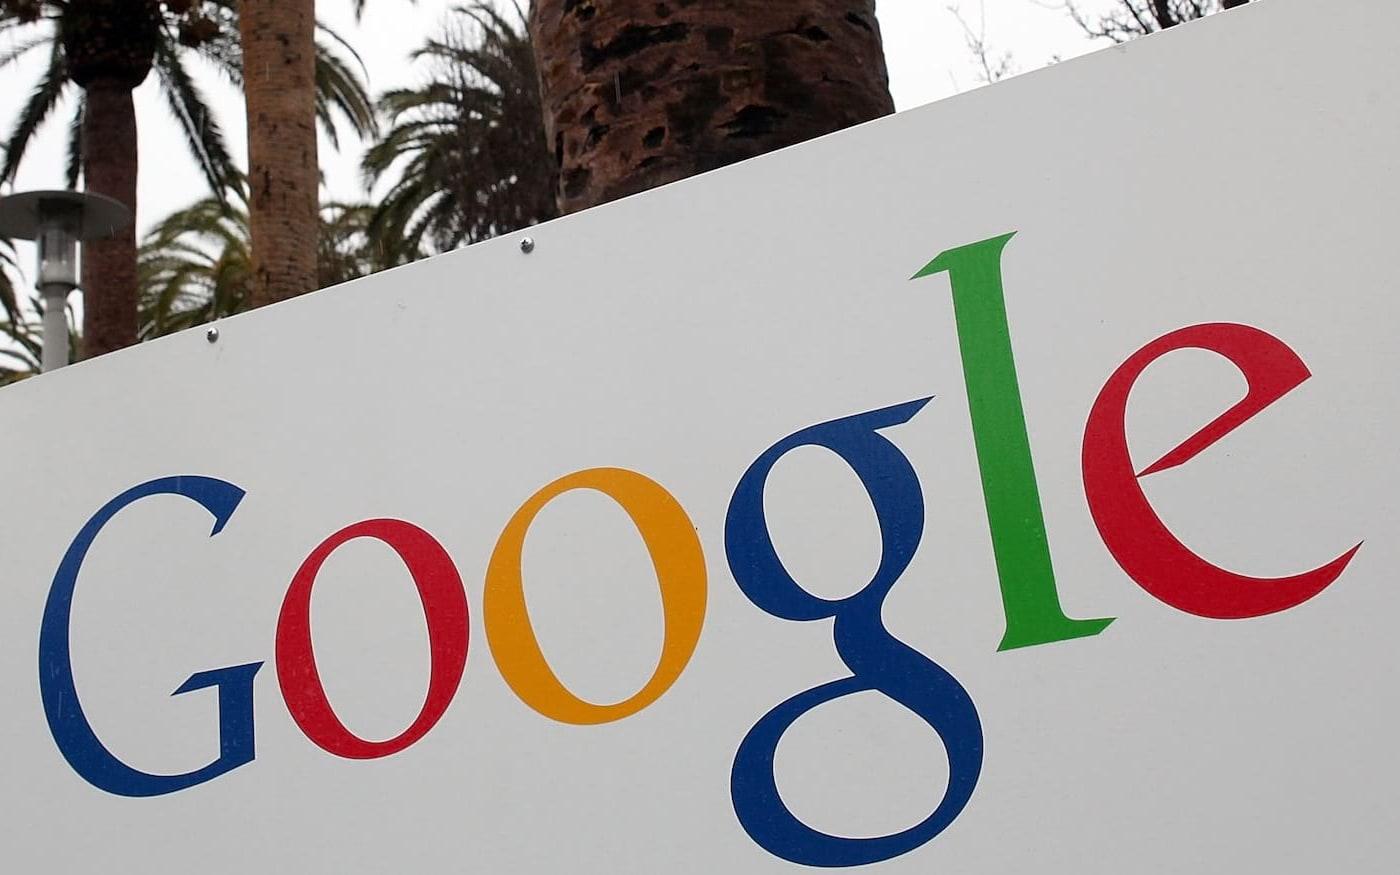 Google anuncia novidades para usuários africanos - Google Maps, Lens e Bolo são alguns dos apps com recursos novos